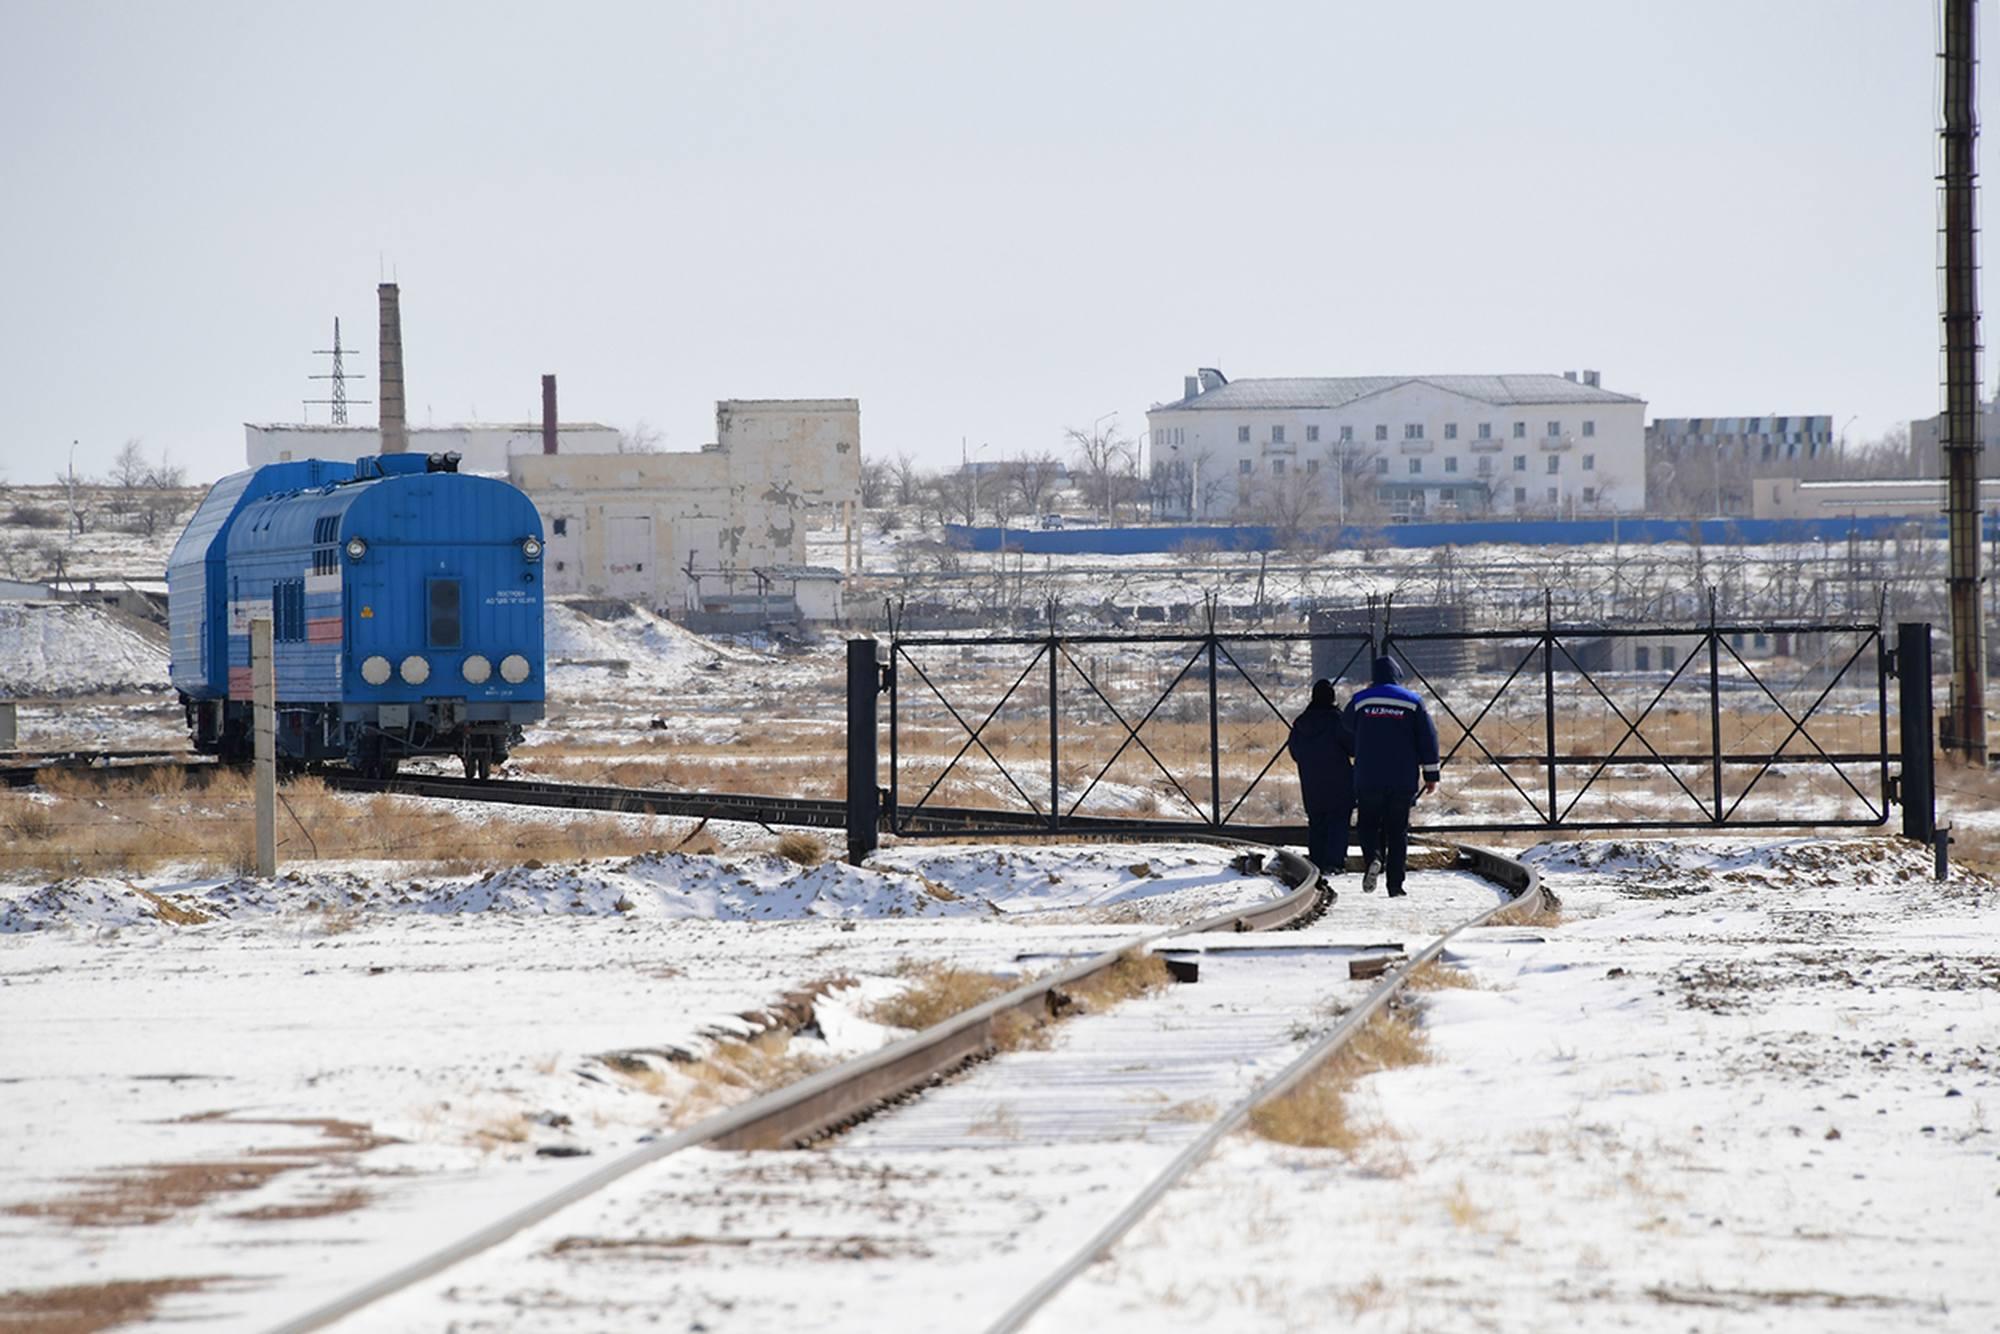 Image emblématique du cosmodrome de Baïkonour: un peu de neige (il gèle) et des bâtiments abandonnés.